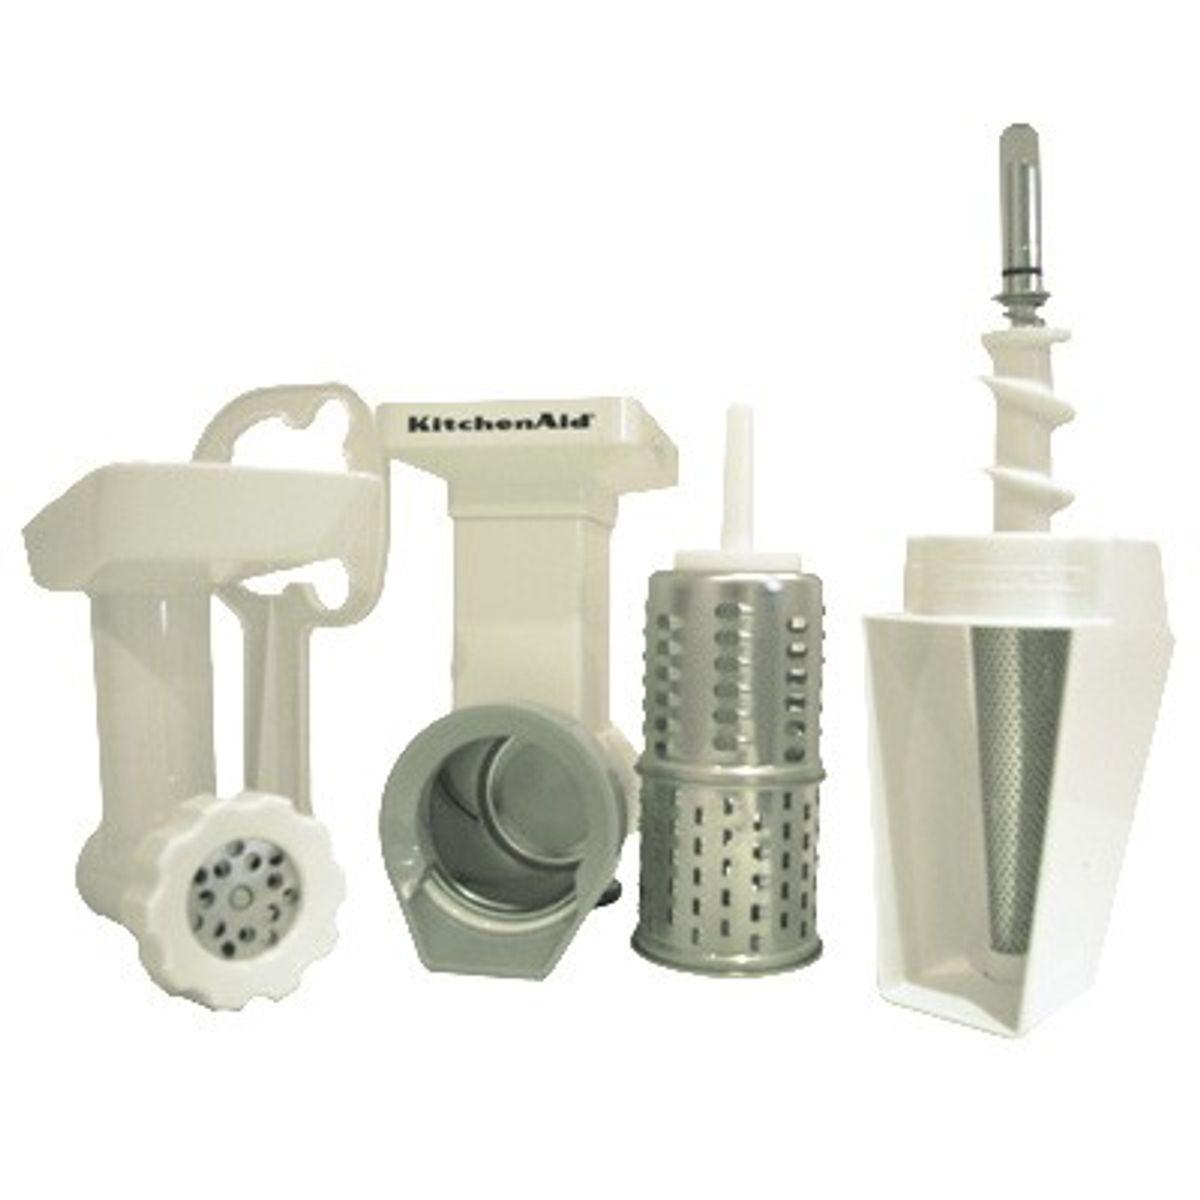 Kit de 3 accessoires 5KSMFPPC (5FSVFGA +FVSP + 5KSMVSA) - Kitchenaid